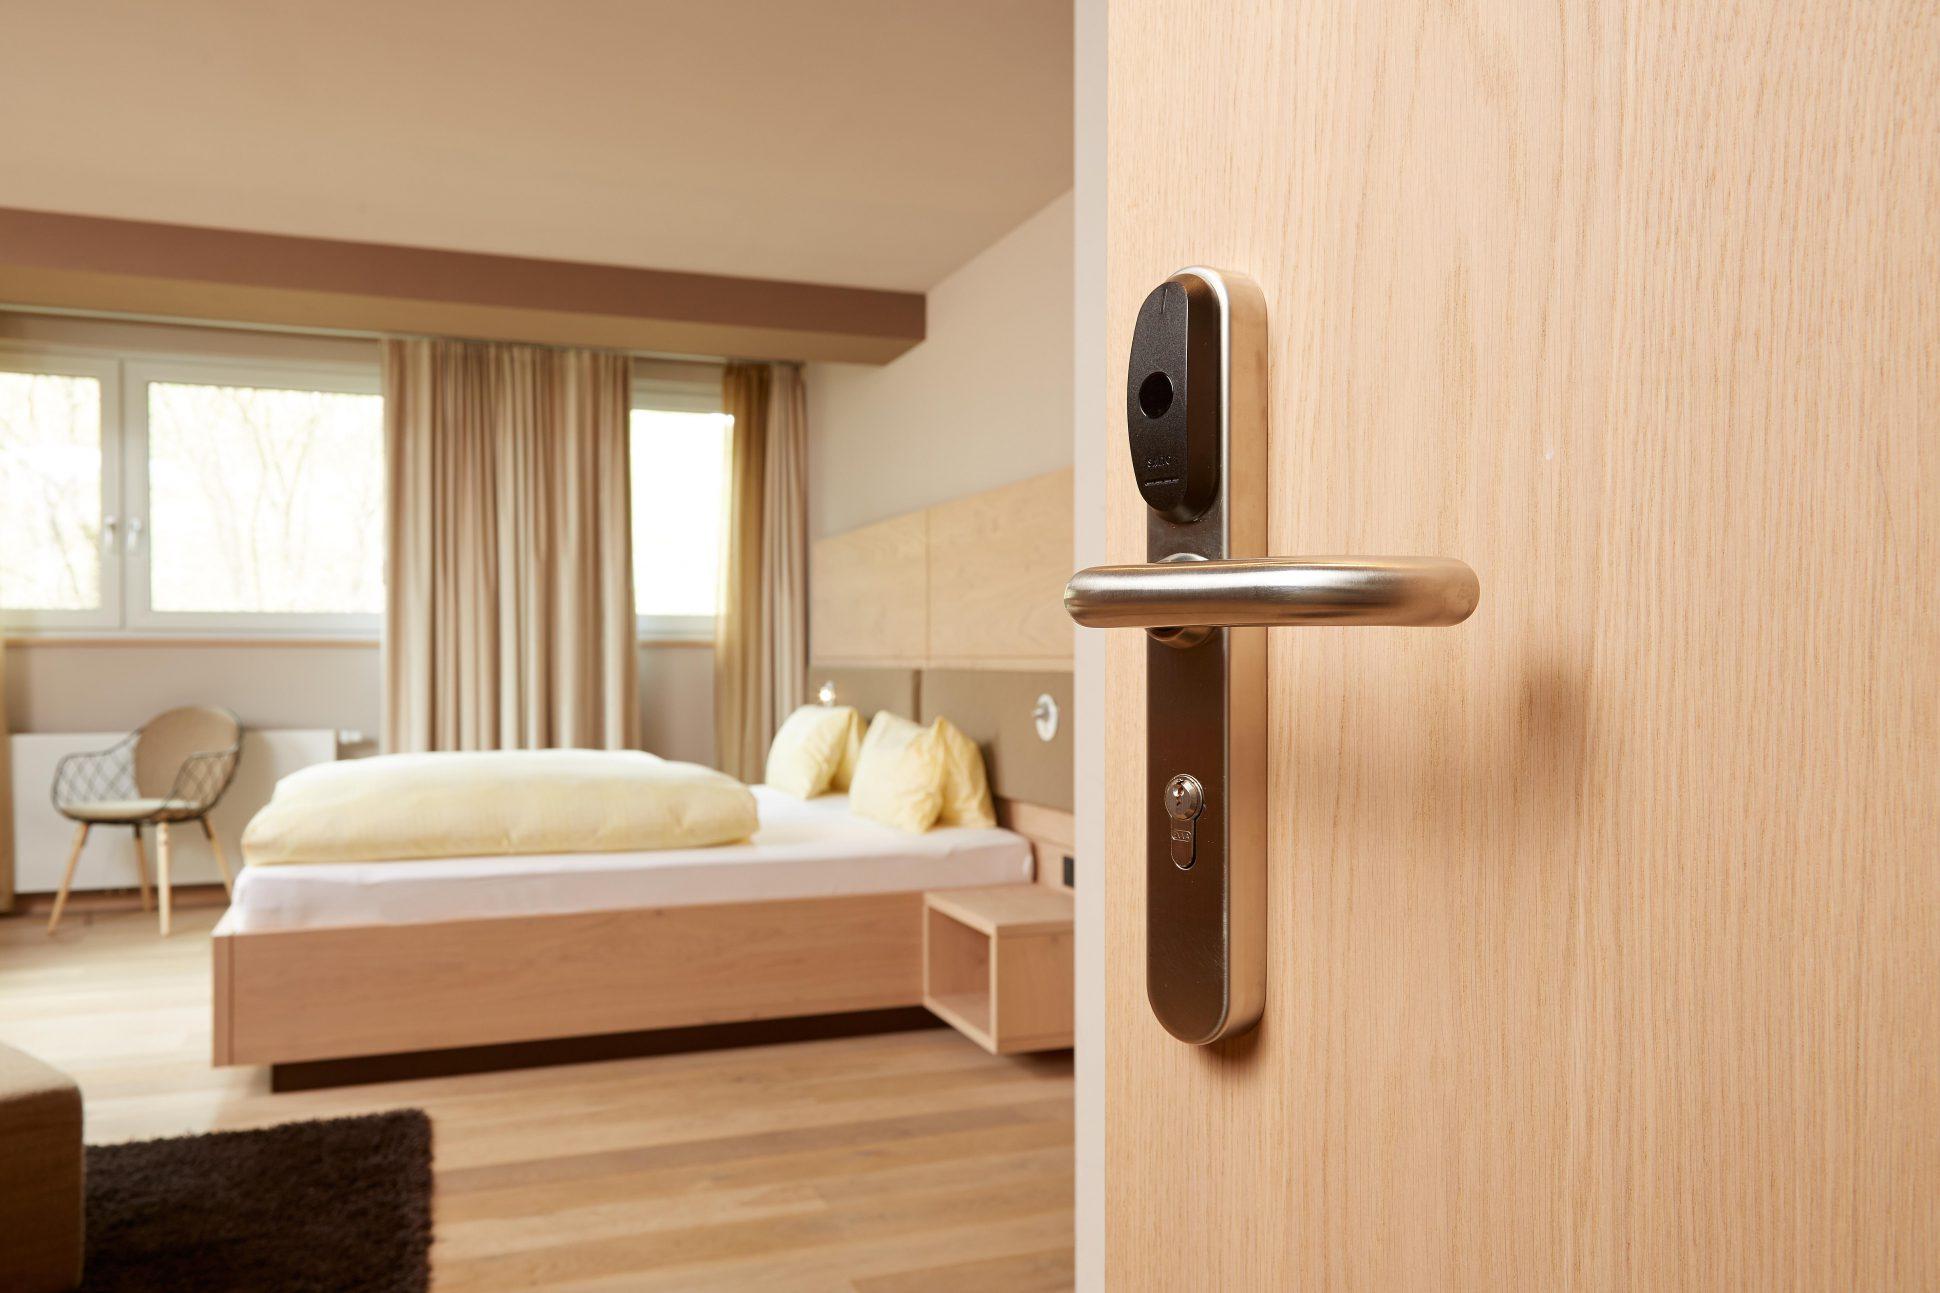 Hotelschließsysteme